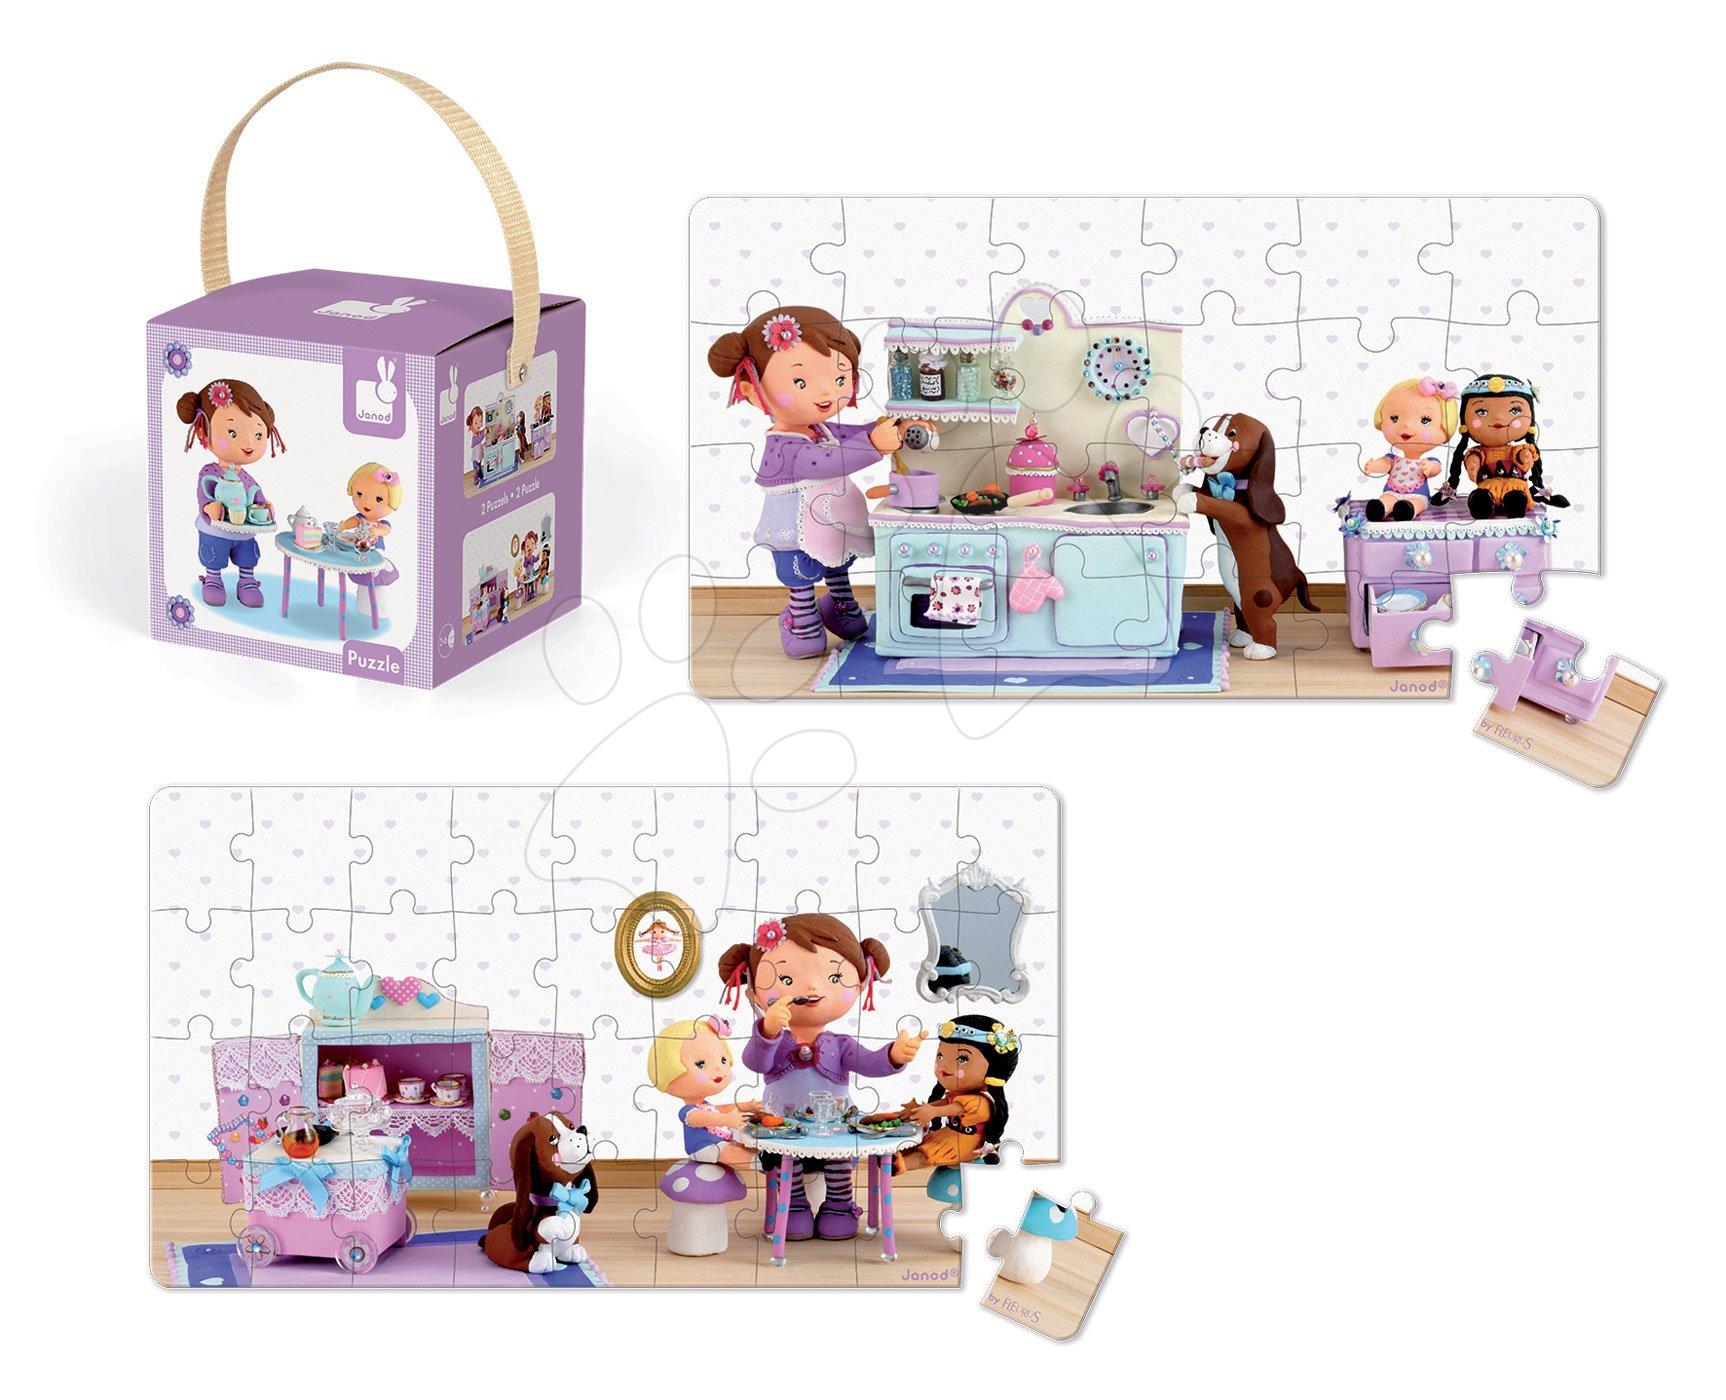 Puzzle Lola na čajová párty Janod v kufříku 24 - 36 dílů od 3 - 6 let